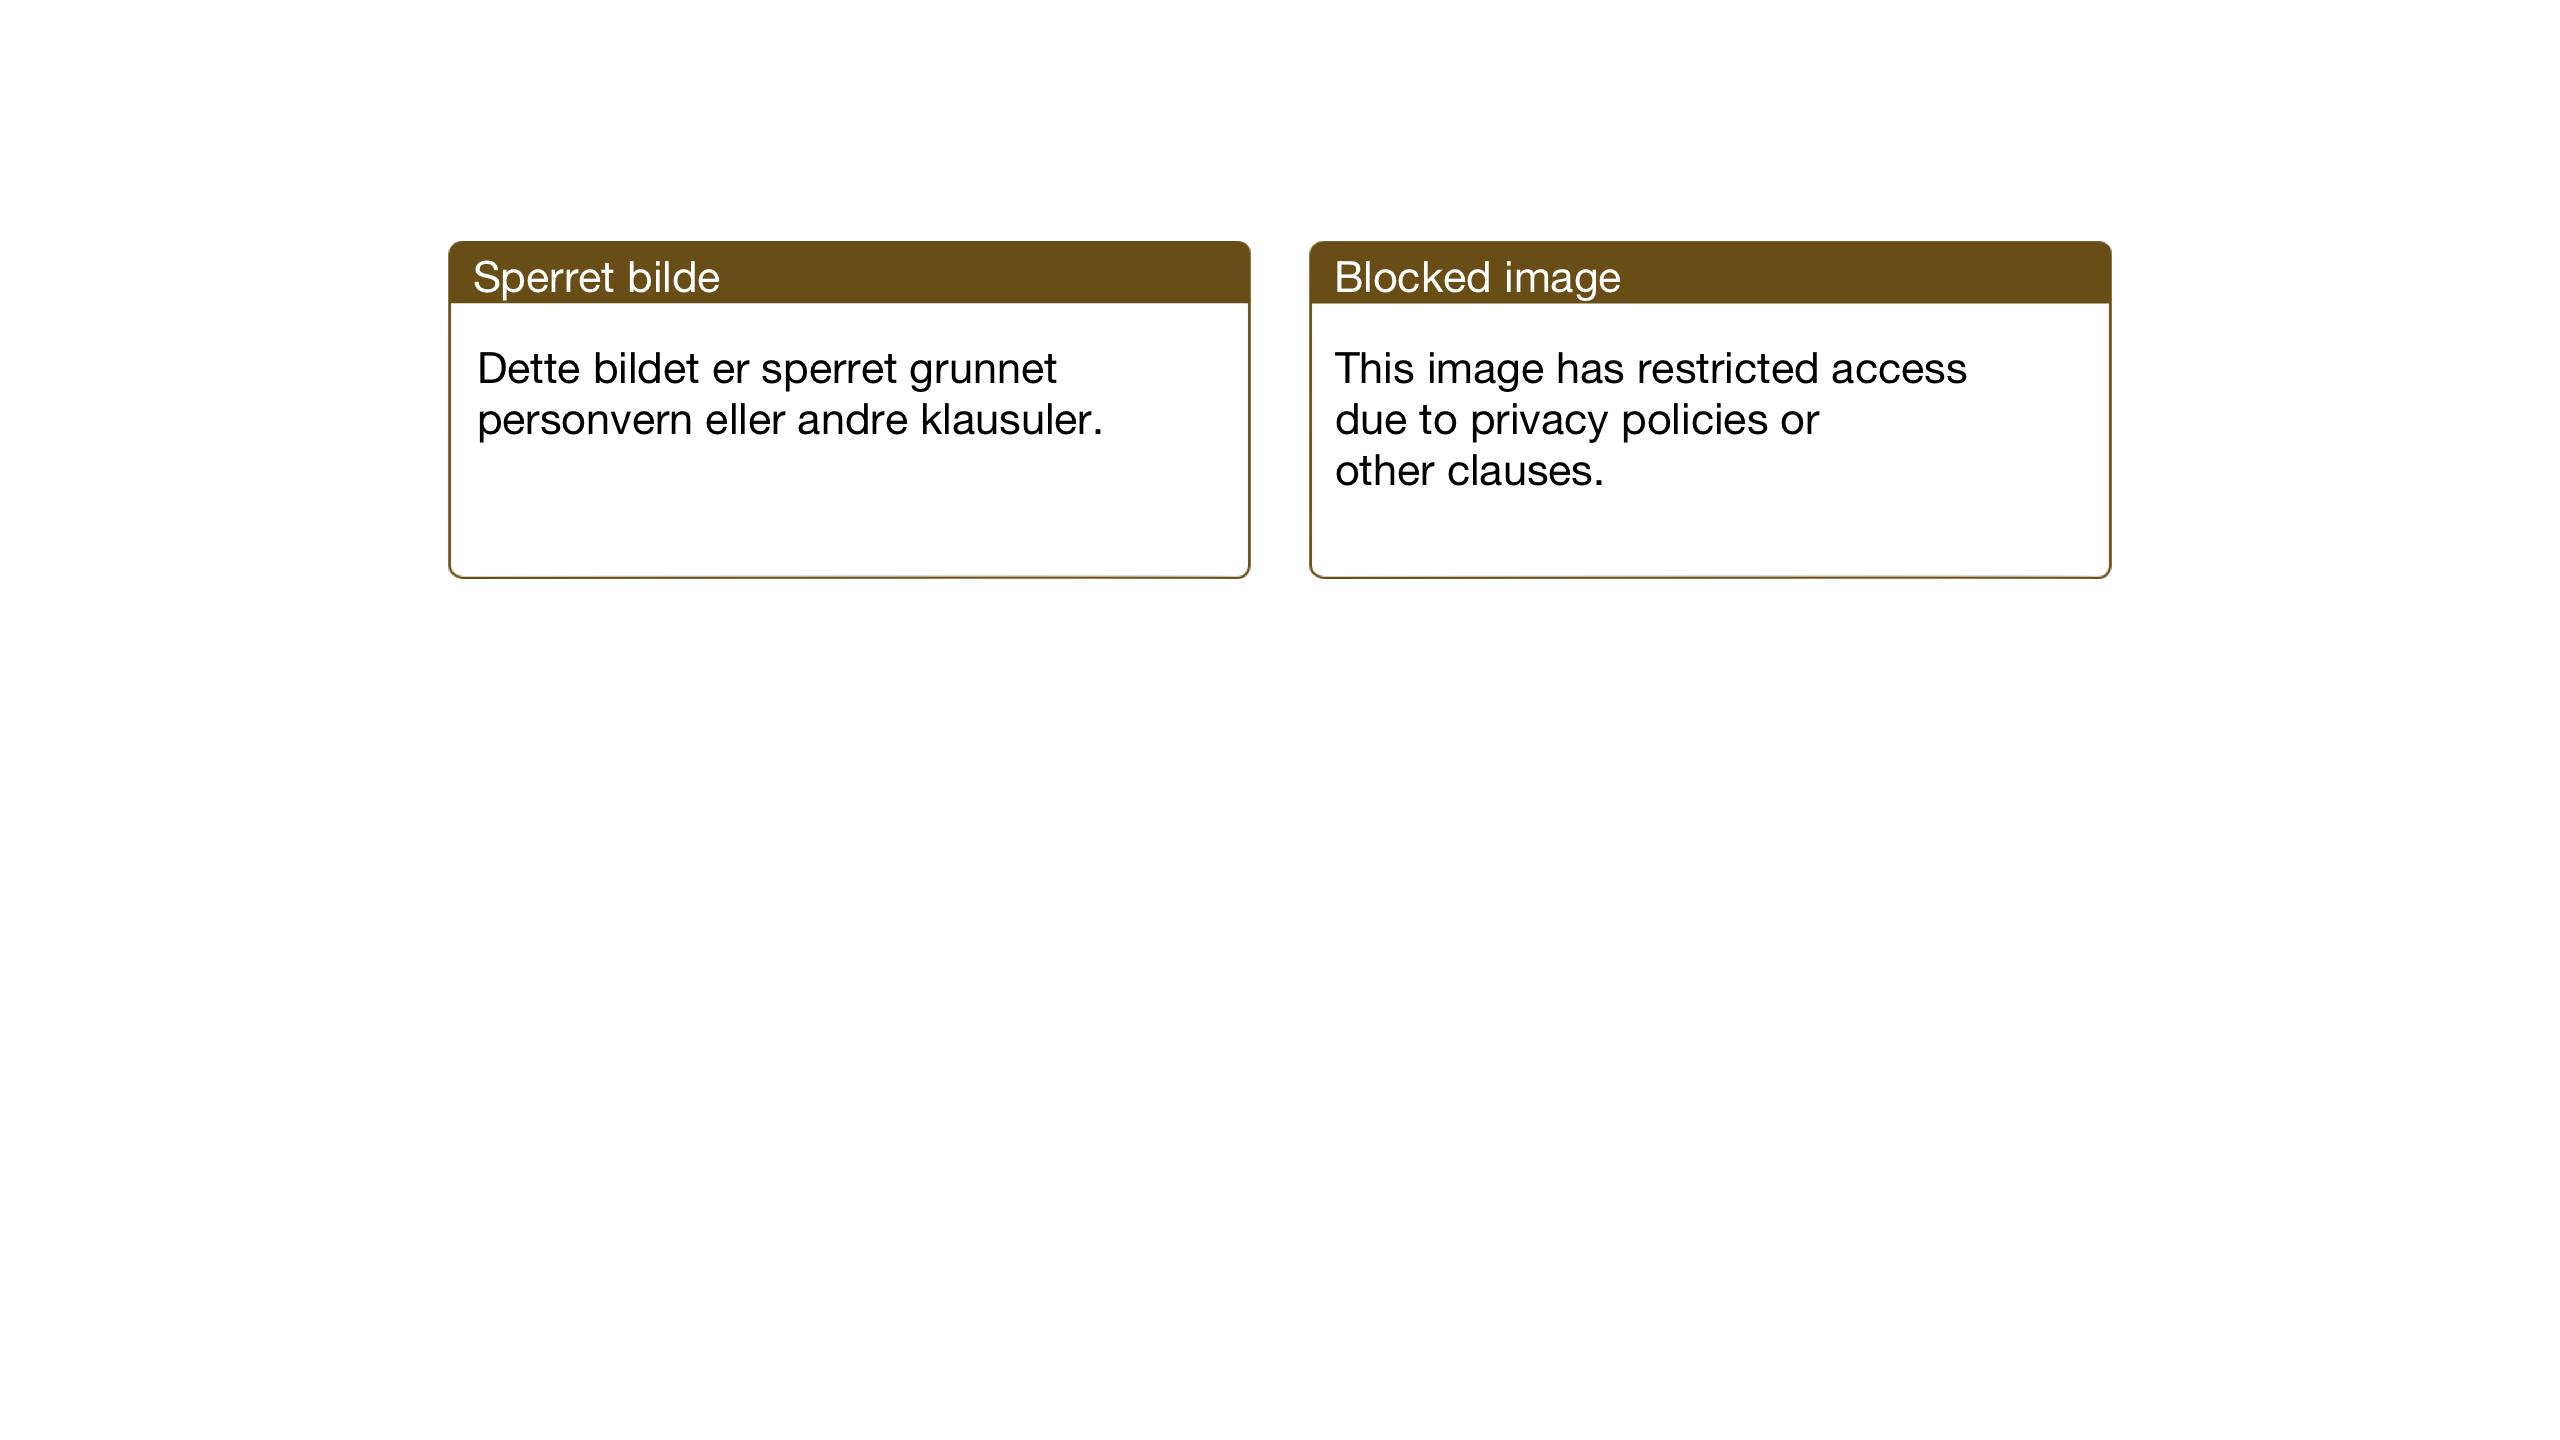 SAT, Ministerialprotokoller, klokkerbøker og fødselsregistre - Sør-Trøndelag, 618/L0454: Klokkerbok nr. 618C05, 1926-1946, s. 35